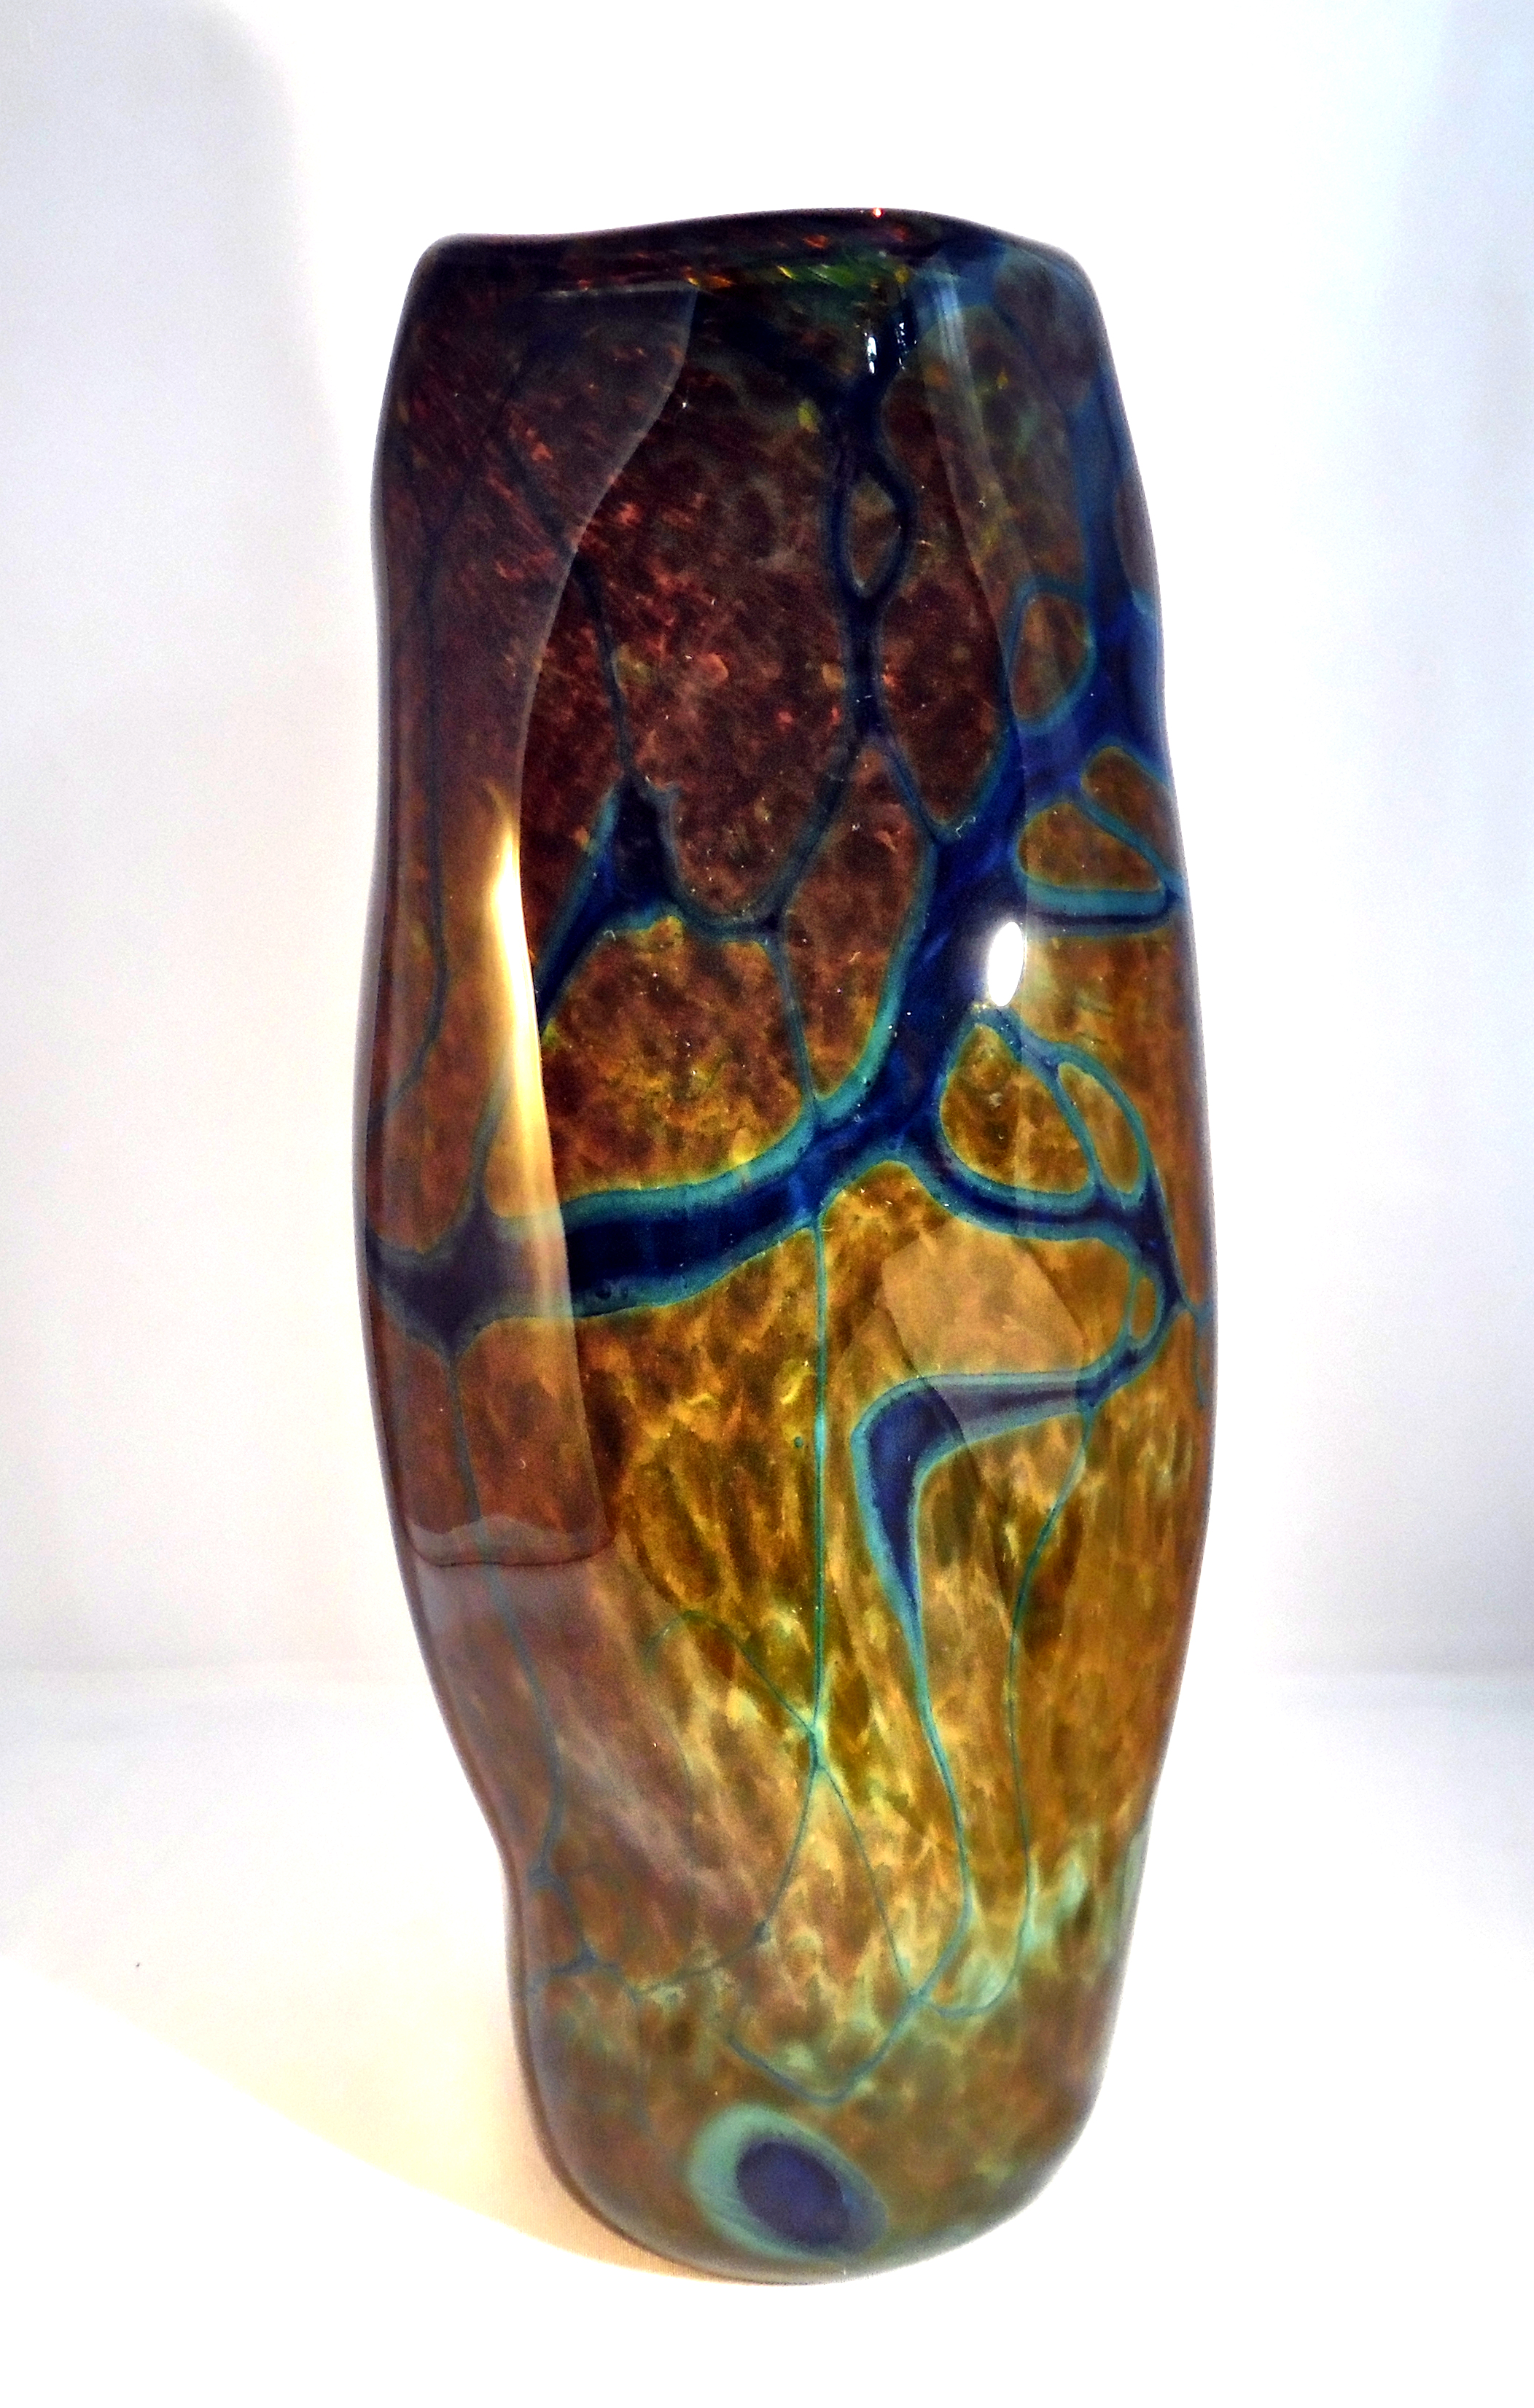 Rock Vase by Nicole Tremblay